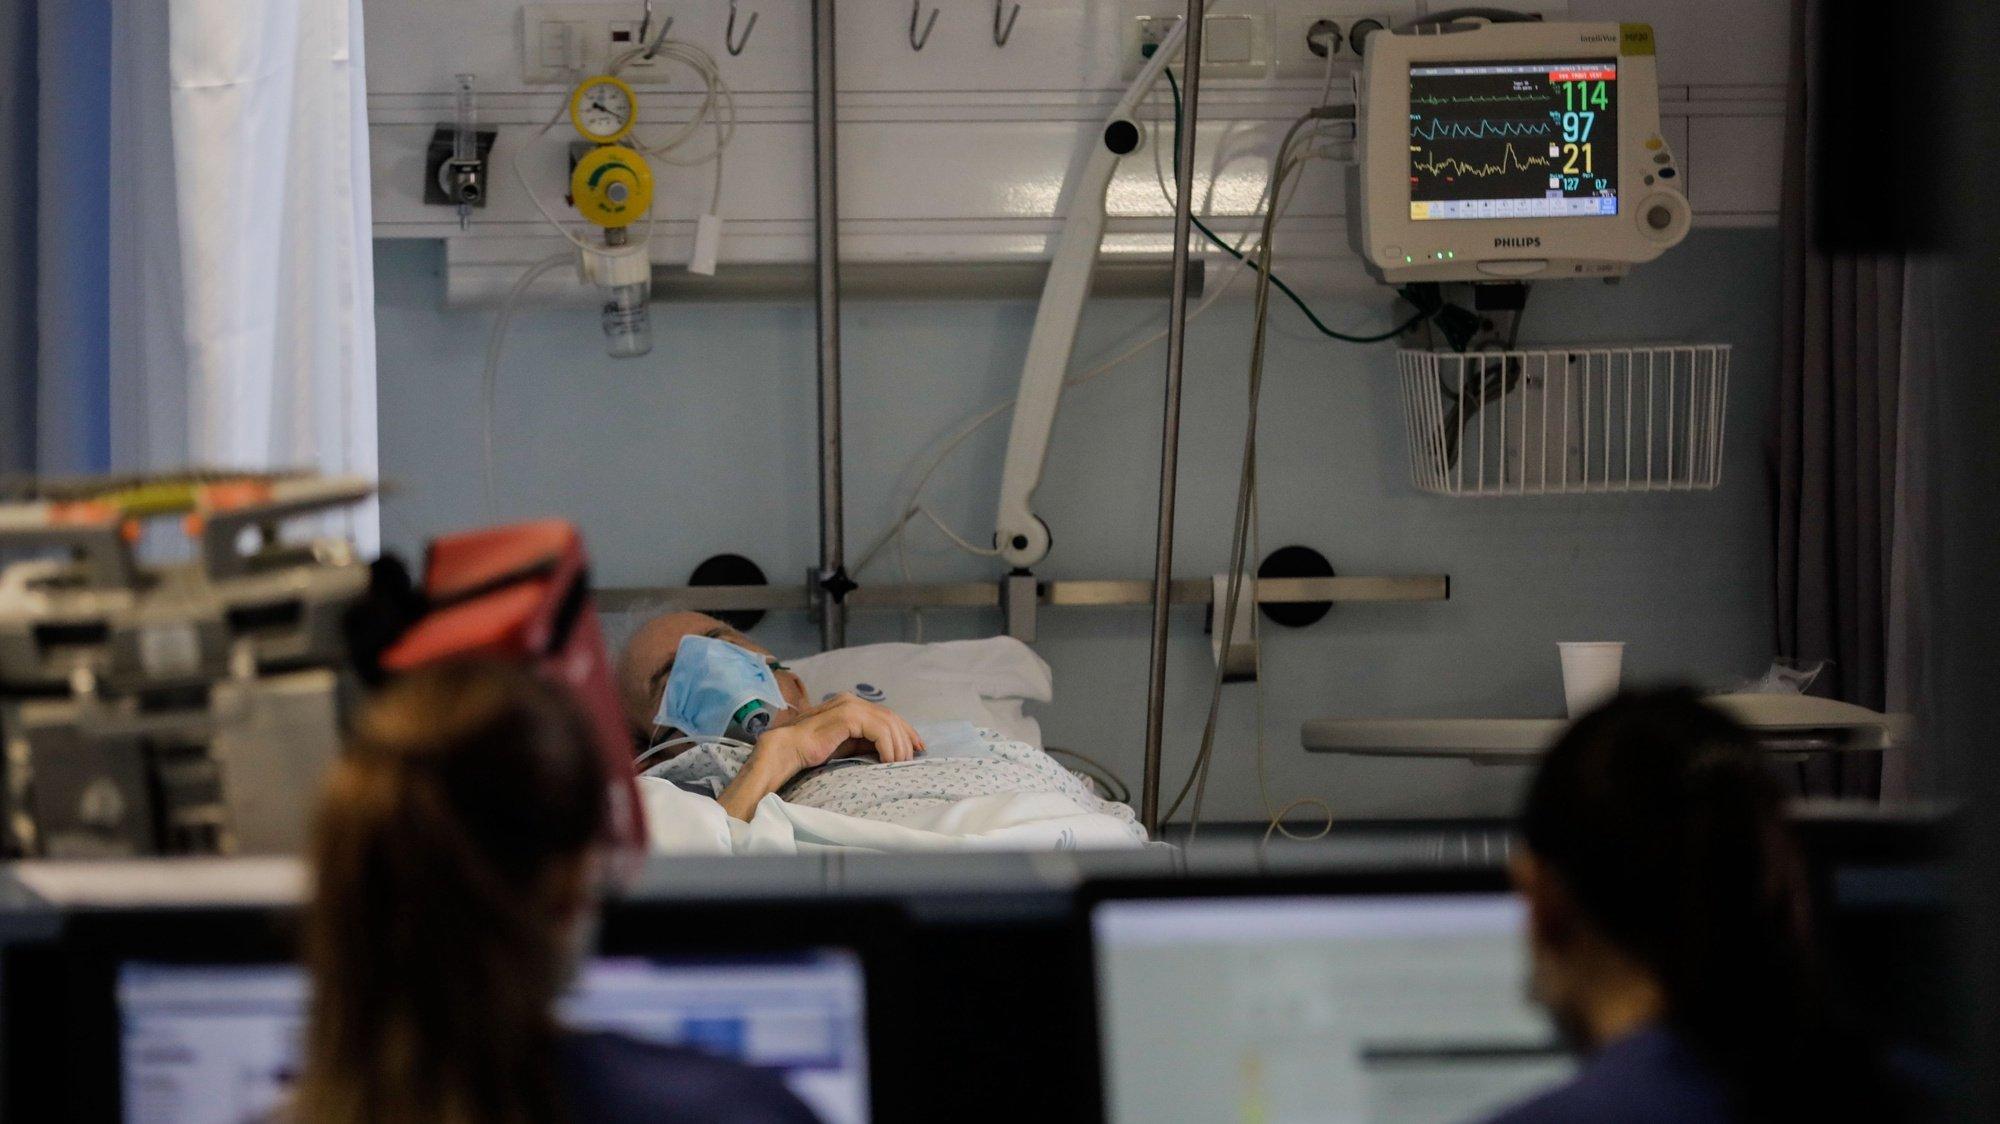 Profissionais de saúde trabalham na urgência do Hospital Geral dos Covões transformado numa unidade dedicada a doentes covid-19, onde funciona a Urgência, Cuidados Intensivos e Enfermaria de Cuidados Intermédios , 22 maio 2020 em Coimbra. (ACOMPANHA TEXTO DO DIA 25 MAIO 2020).   PAULO CUNHA /LUSA